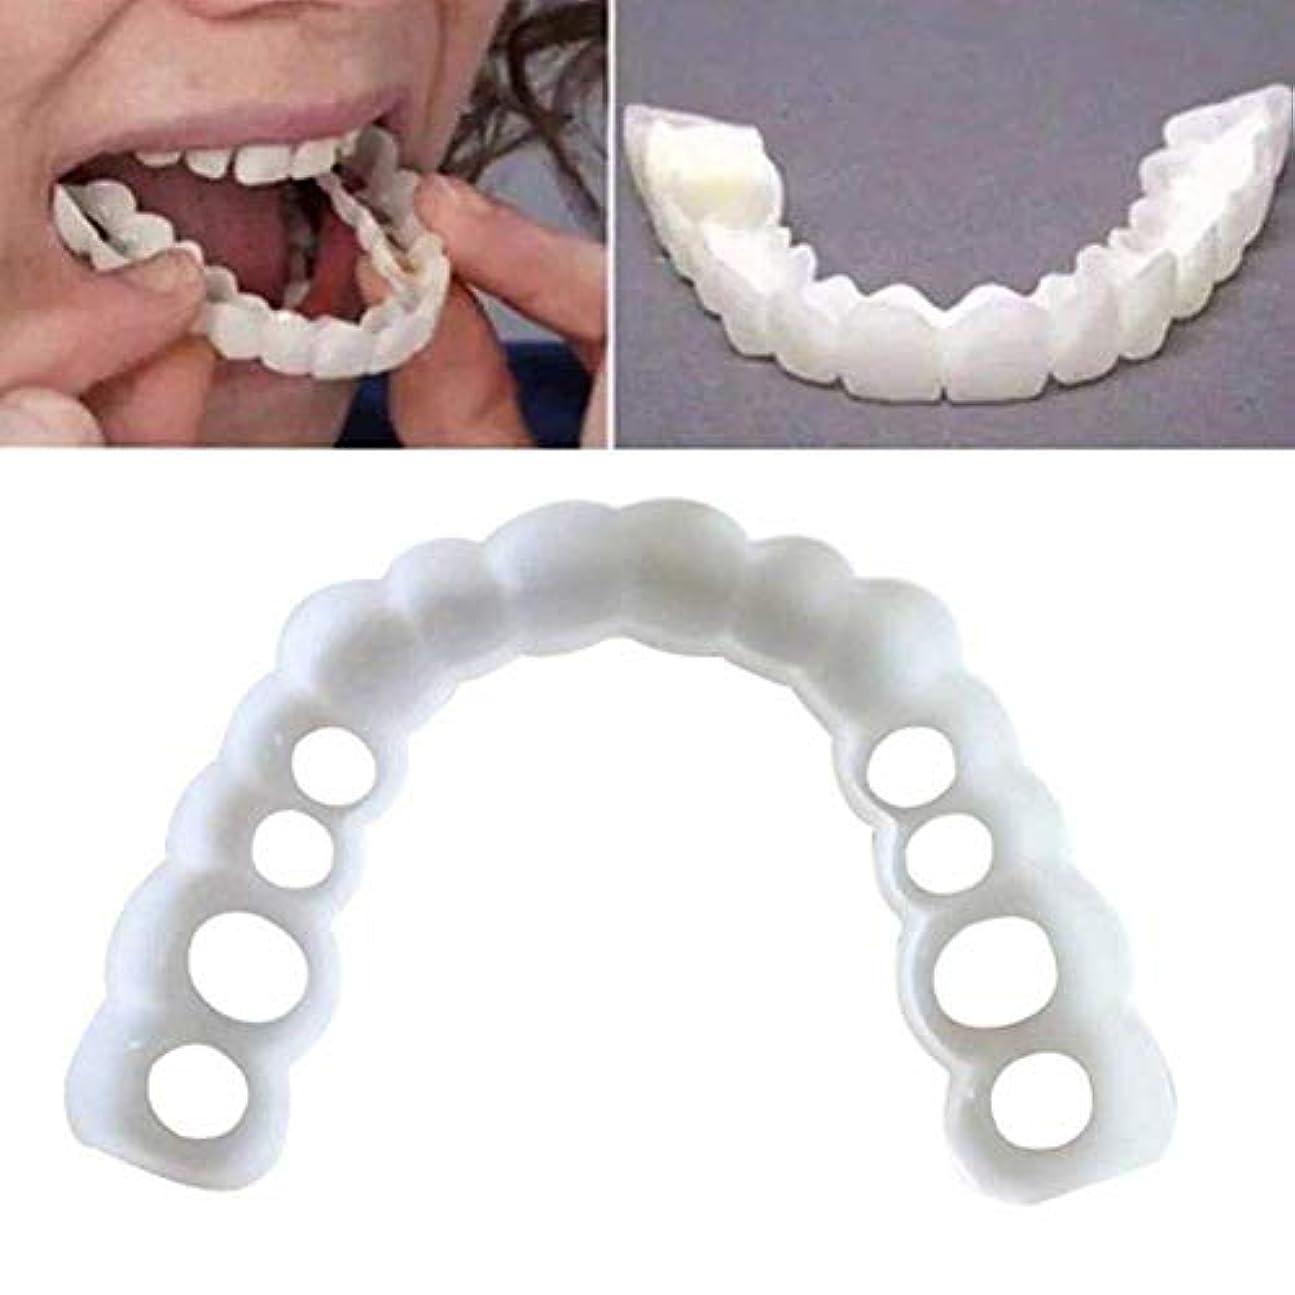 レインコートシャーク統治するソフト化粧品歯のための適切な美しいコンフォートの2ペアは、上部と下部のメイクベニアを入れ歯